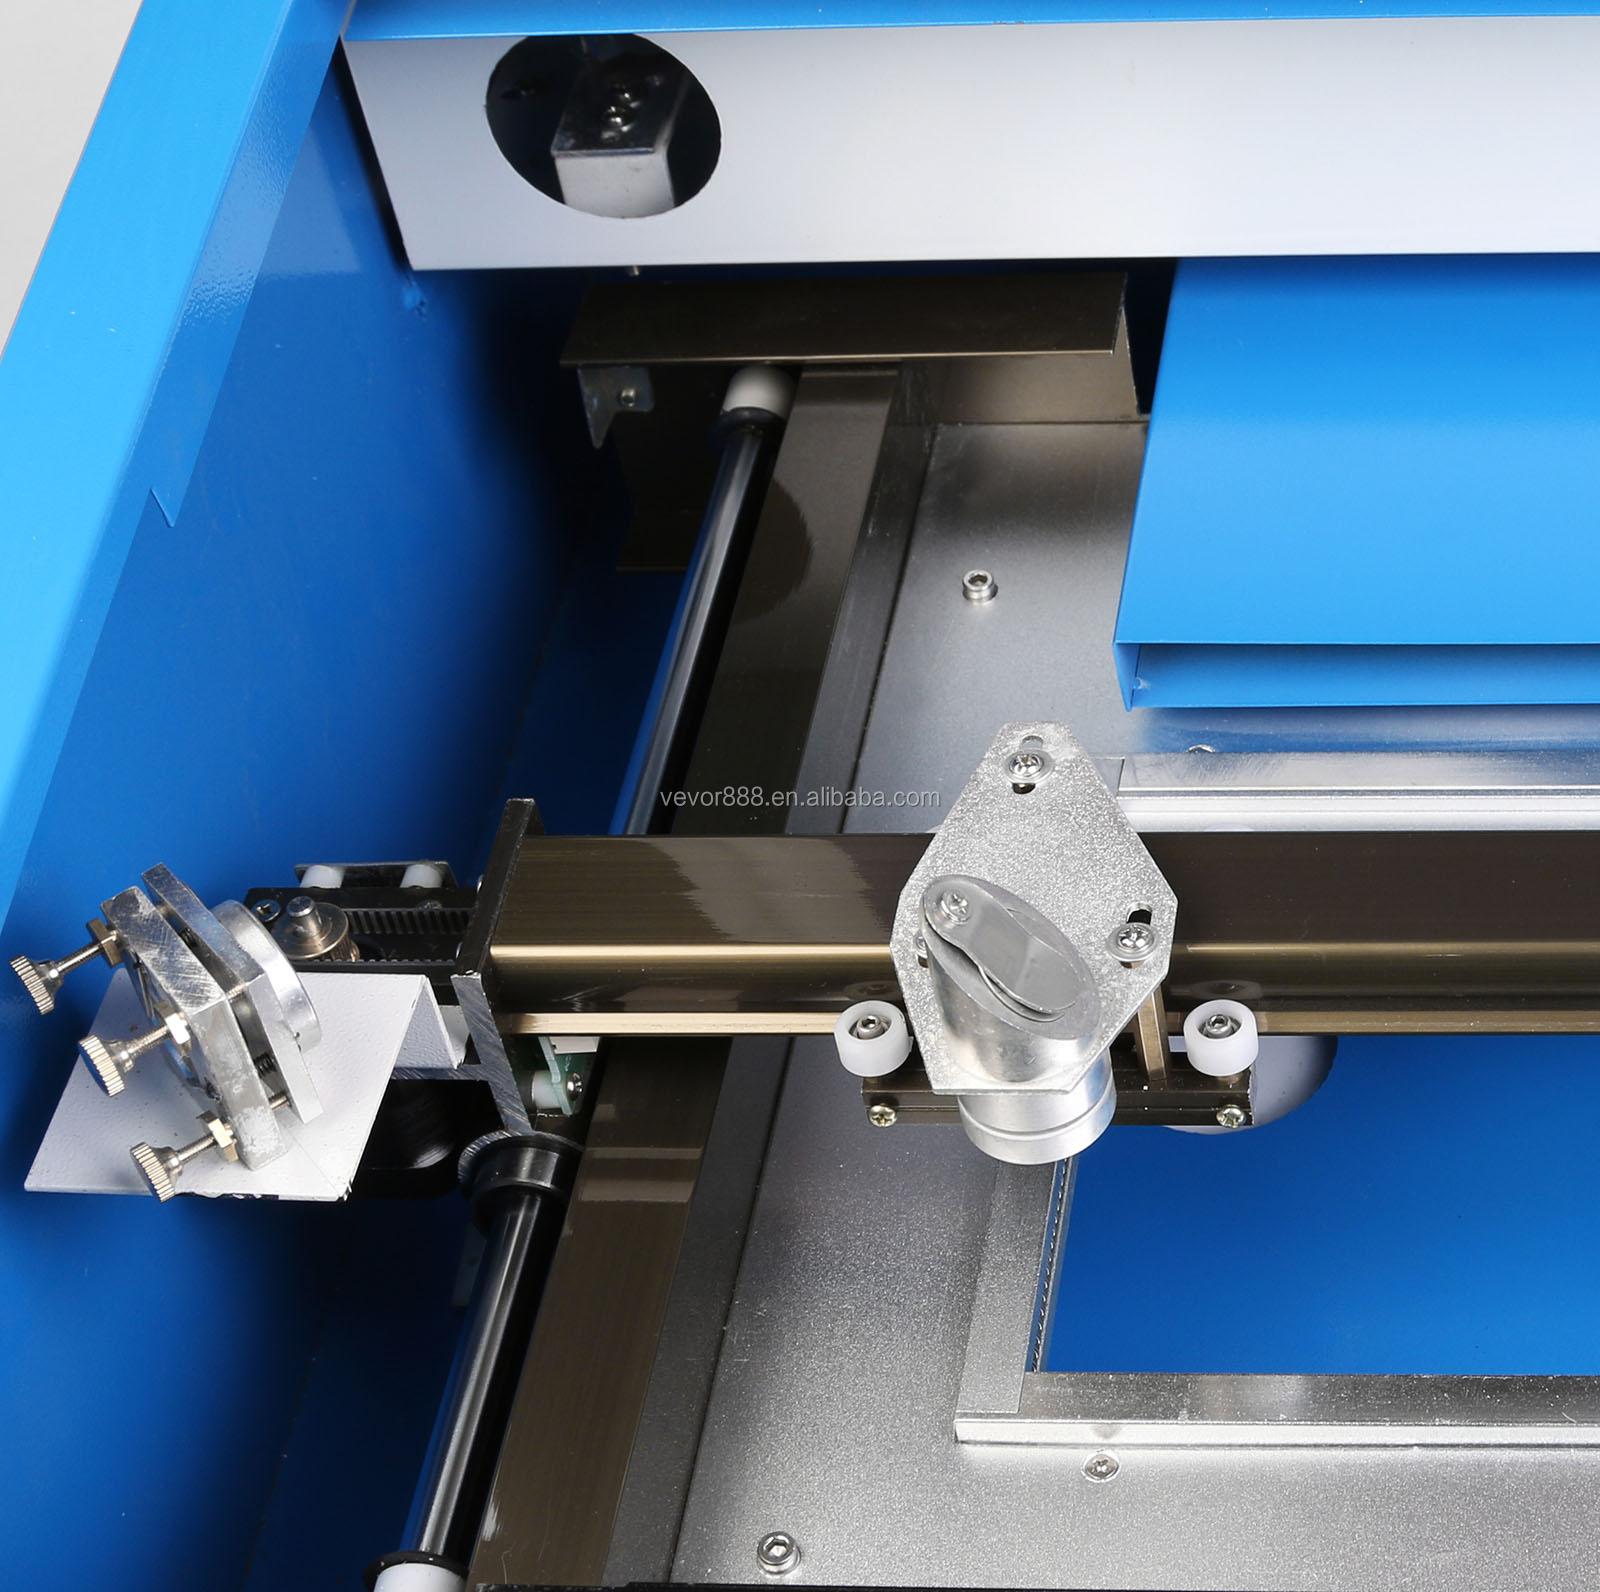 Обновленная высокоточная и высокая скорость третьего поколения CO2 лазерная d100-16.jpg